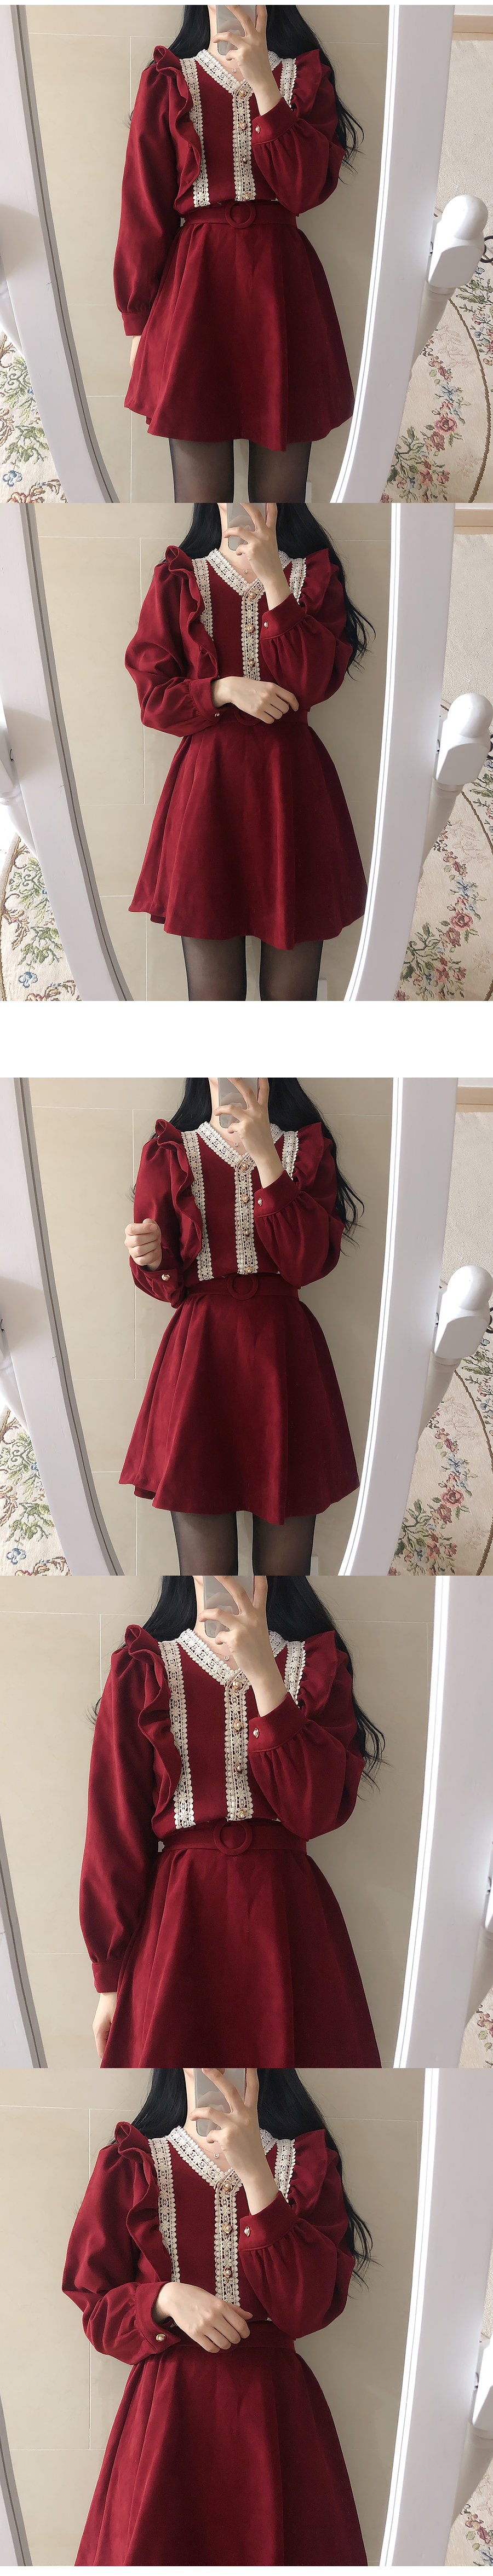 Belt Set ♥ Melco Lace Ruffle Dress